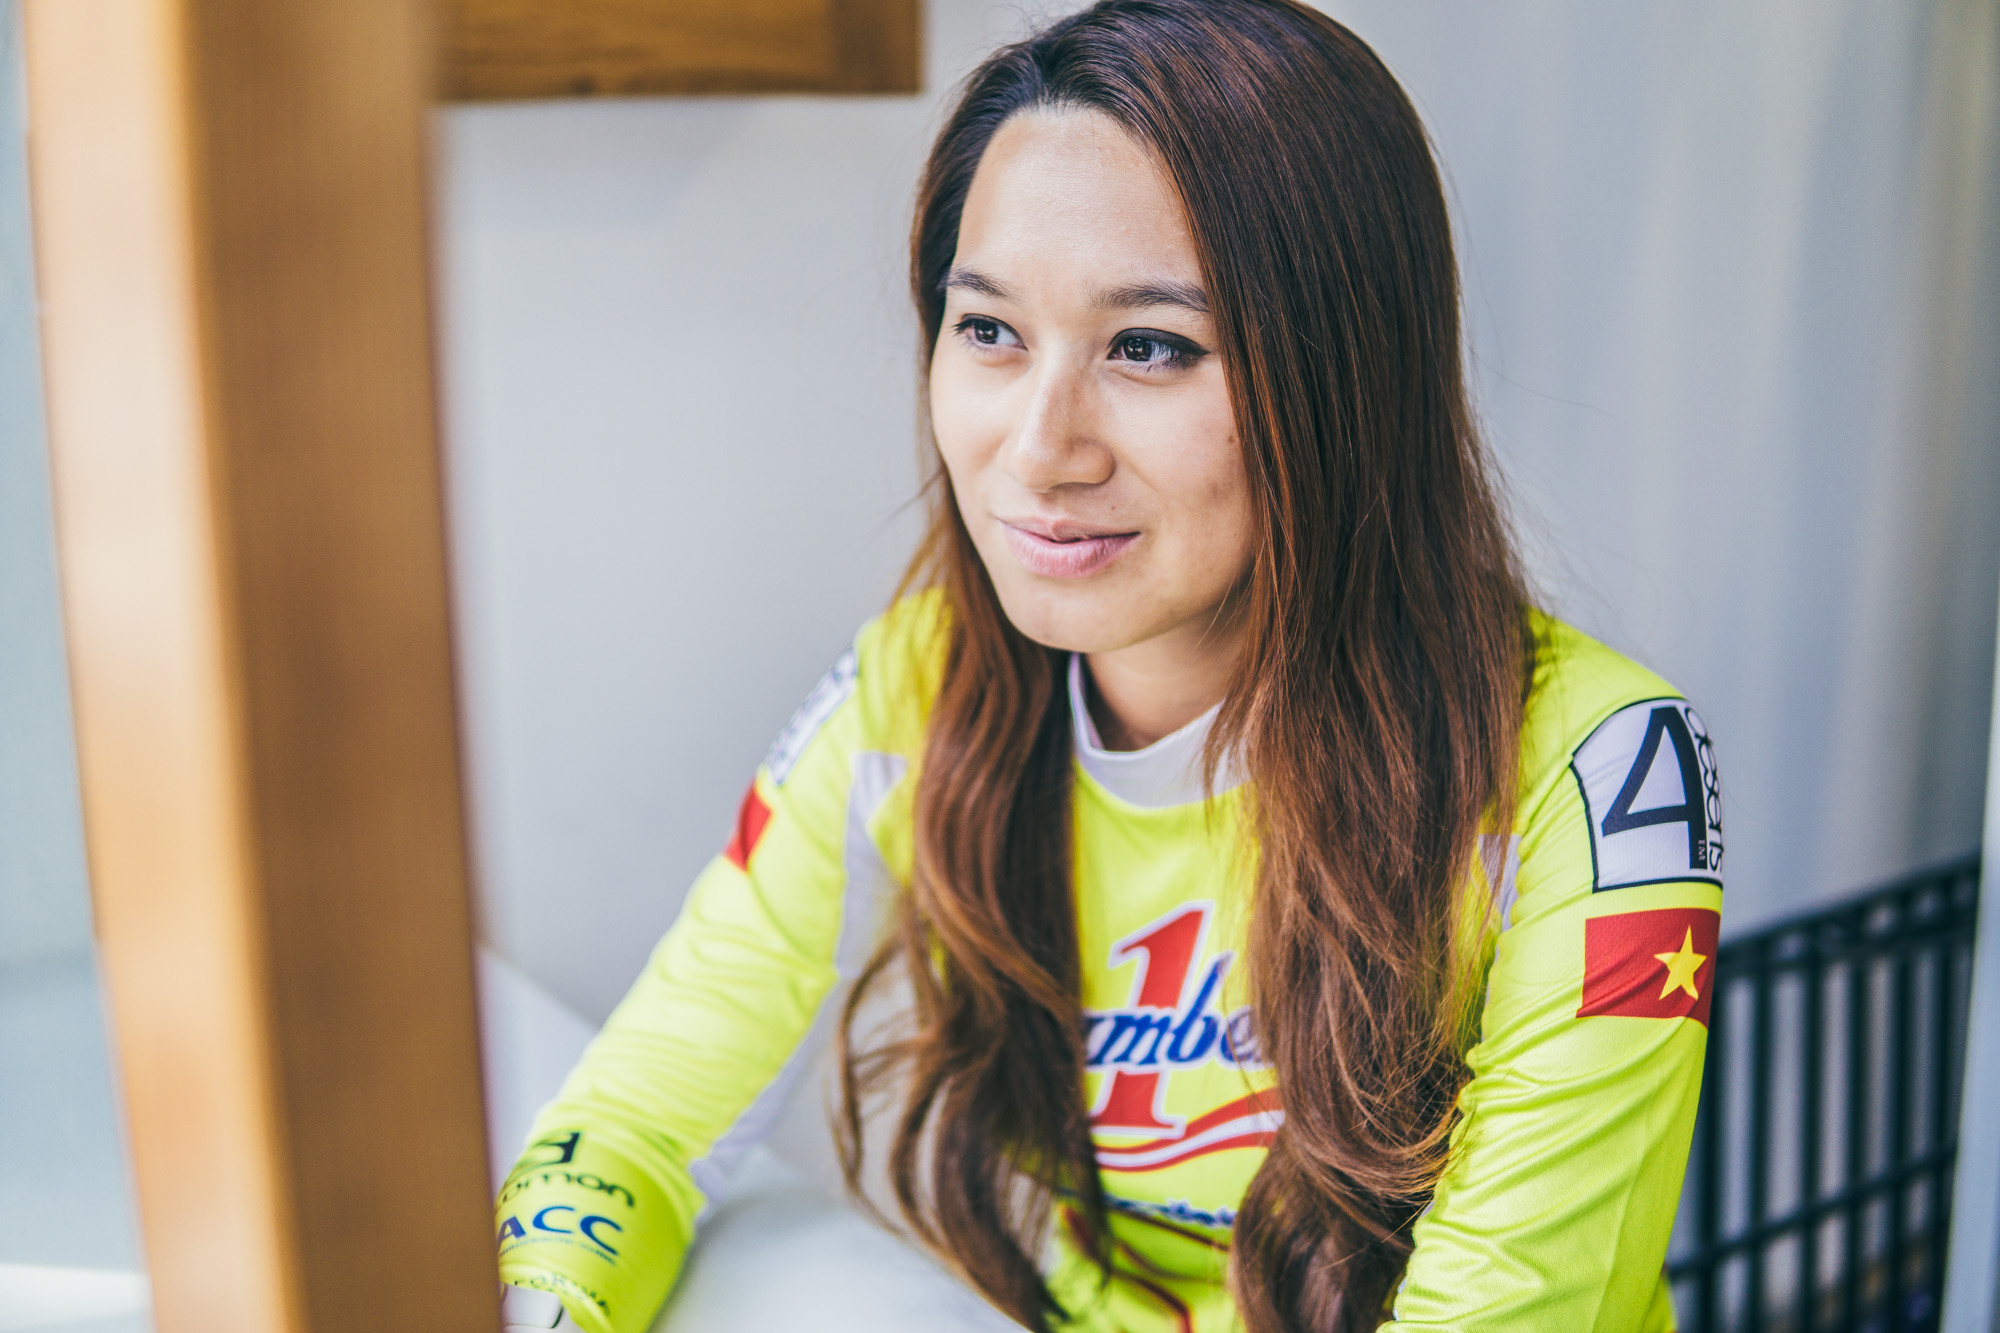 Thanh Vu: Meet This Ultra Marathoner From Hanoi